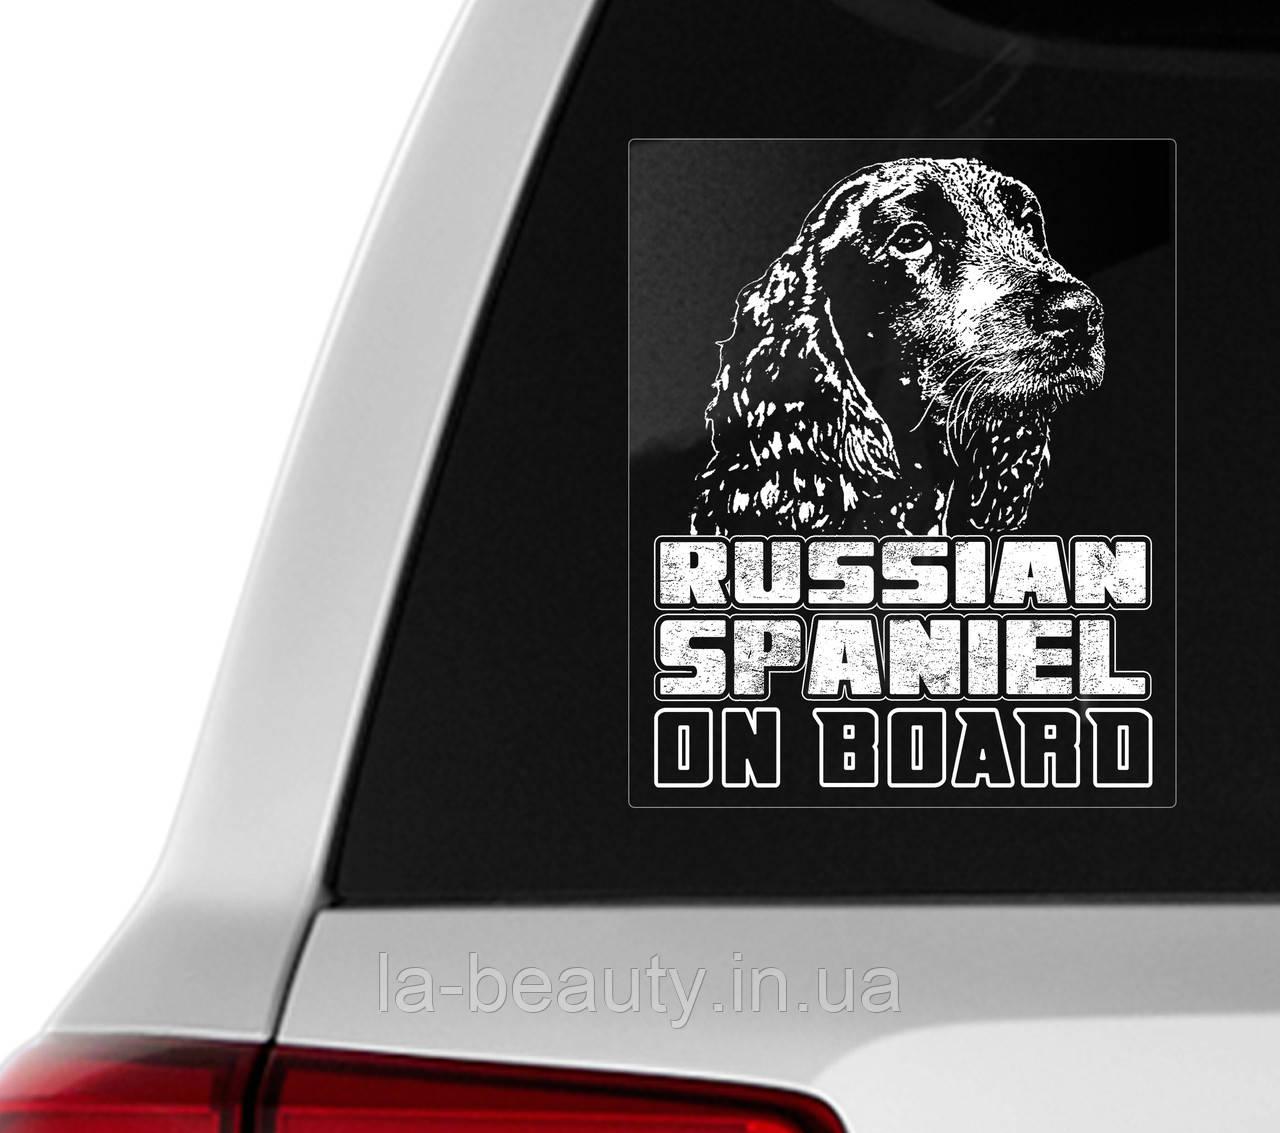 Наклейка на авто / машину Русский спаниель на борту-1